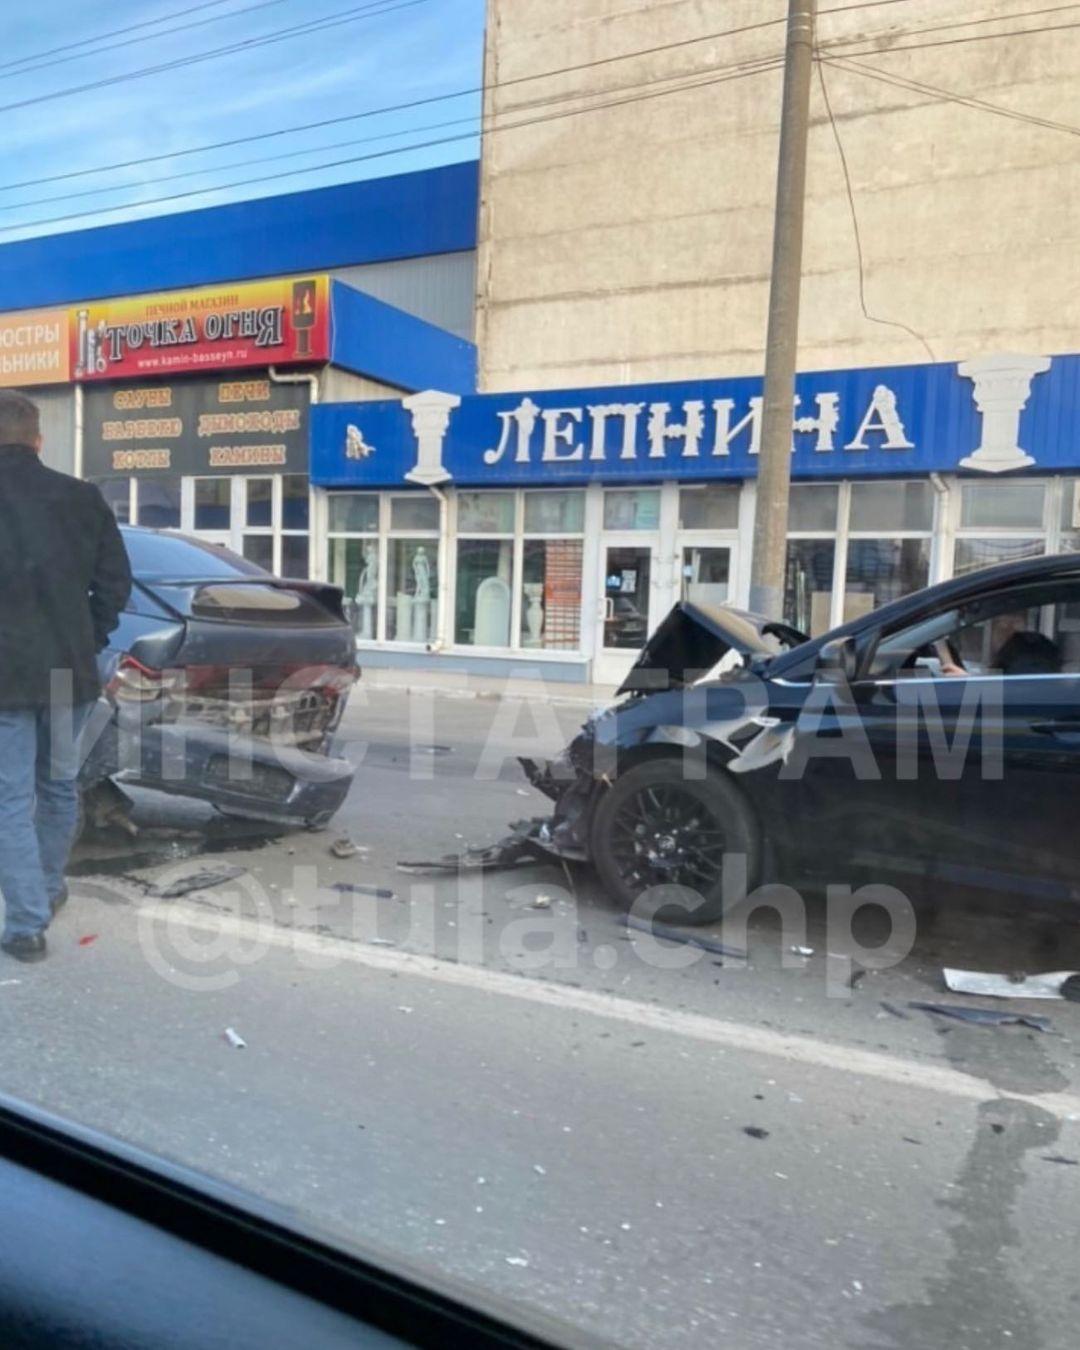 Утром в Туле на улице Мосина произошло тройное ДТП